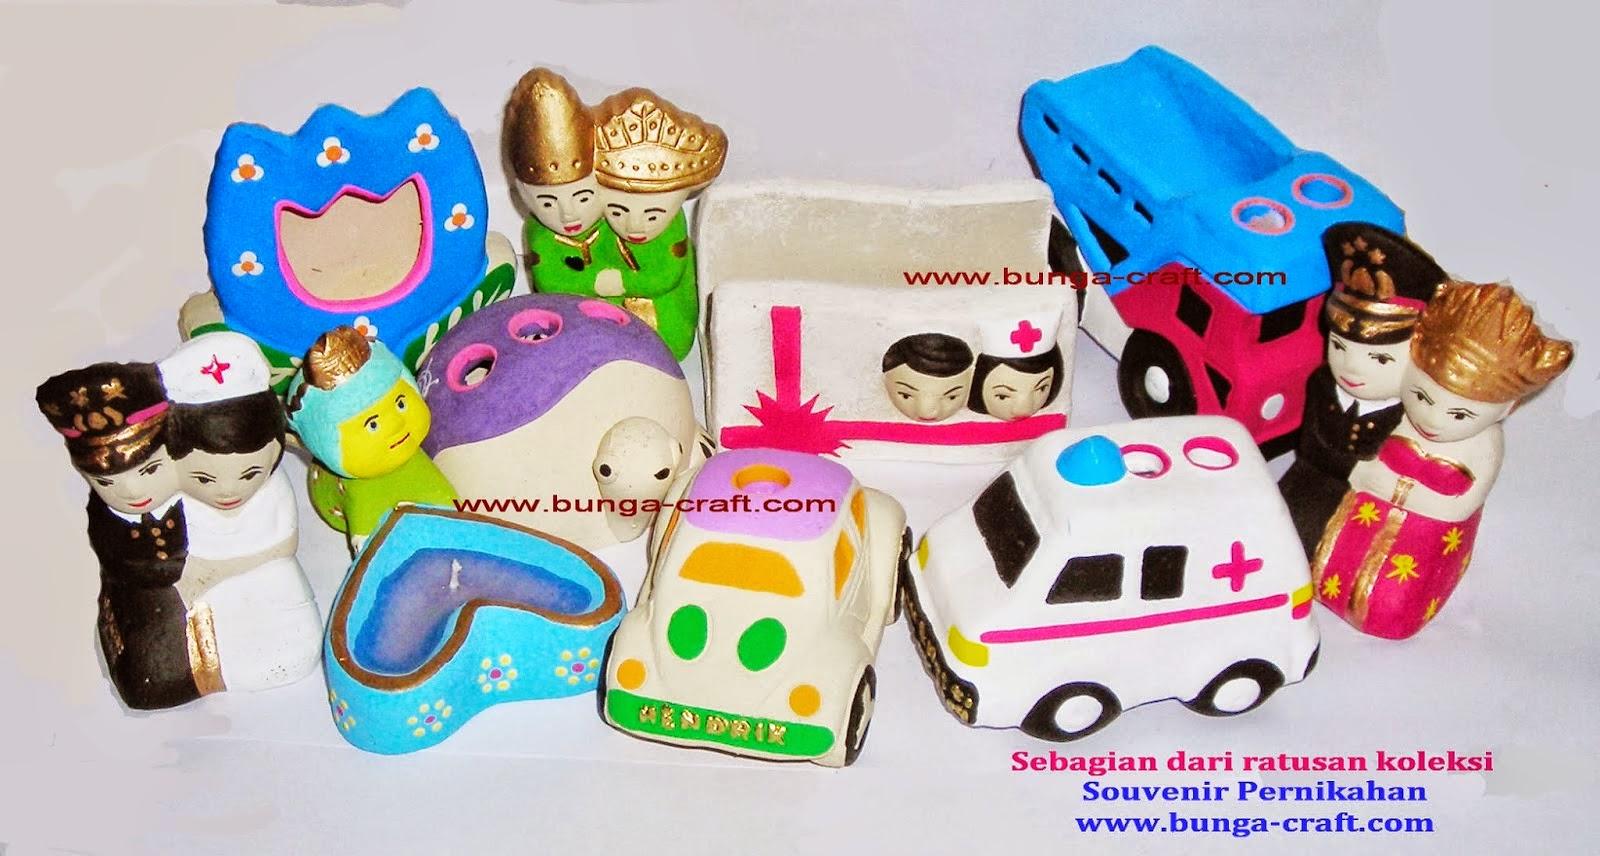 http://www.bunga-craft.com/2014/06/souvenir-pernikahan-surabaya.html